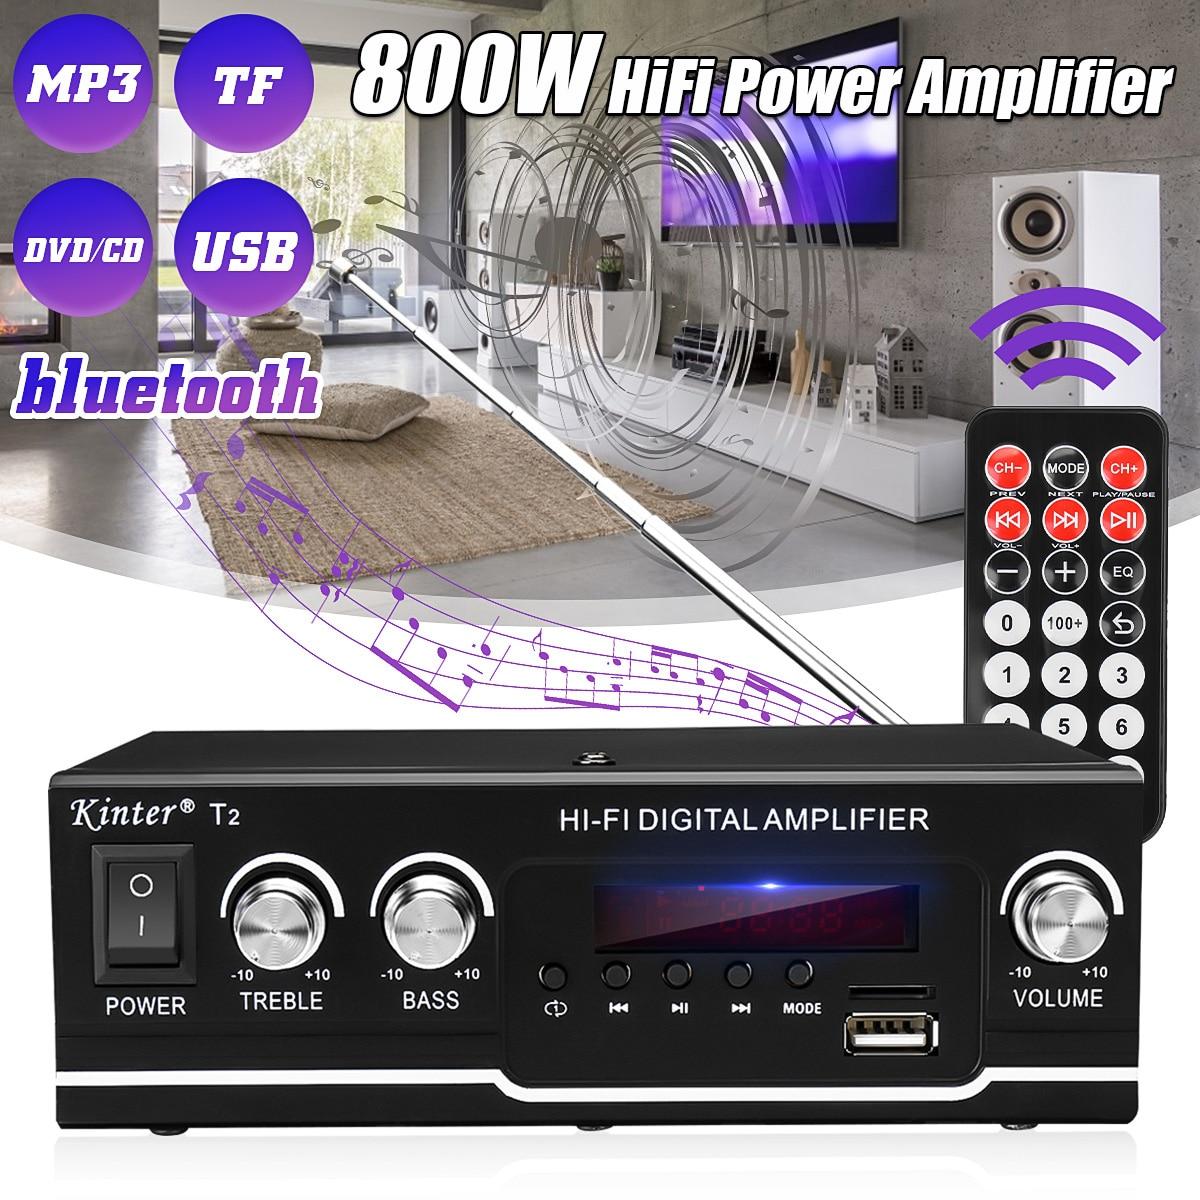 Усилитель мощности, Bluetooth, Hi-Fi 800 Вт, для автомобиля/домашнего кинотеатра, цифровой усилитель мощности звука, акустическая система ВЧ, управл...